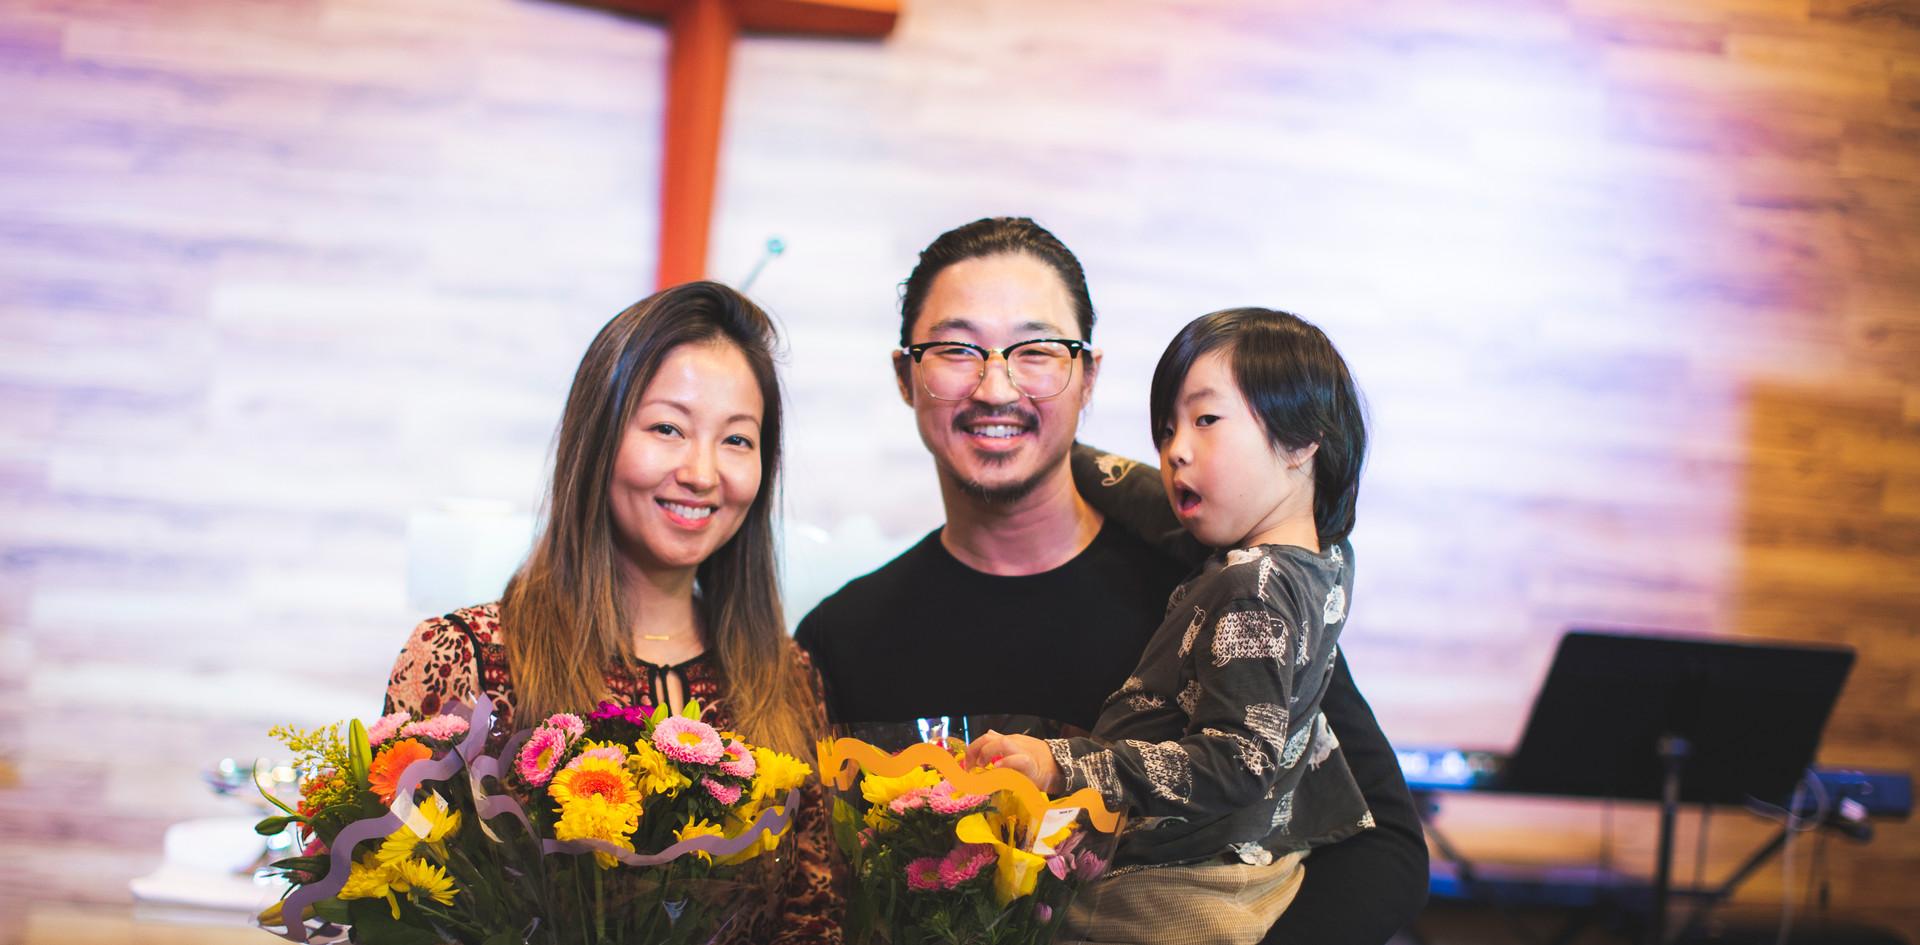 HOG_Baptism_Easter_042119_0146.jpg